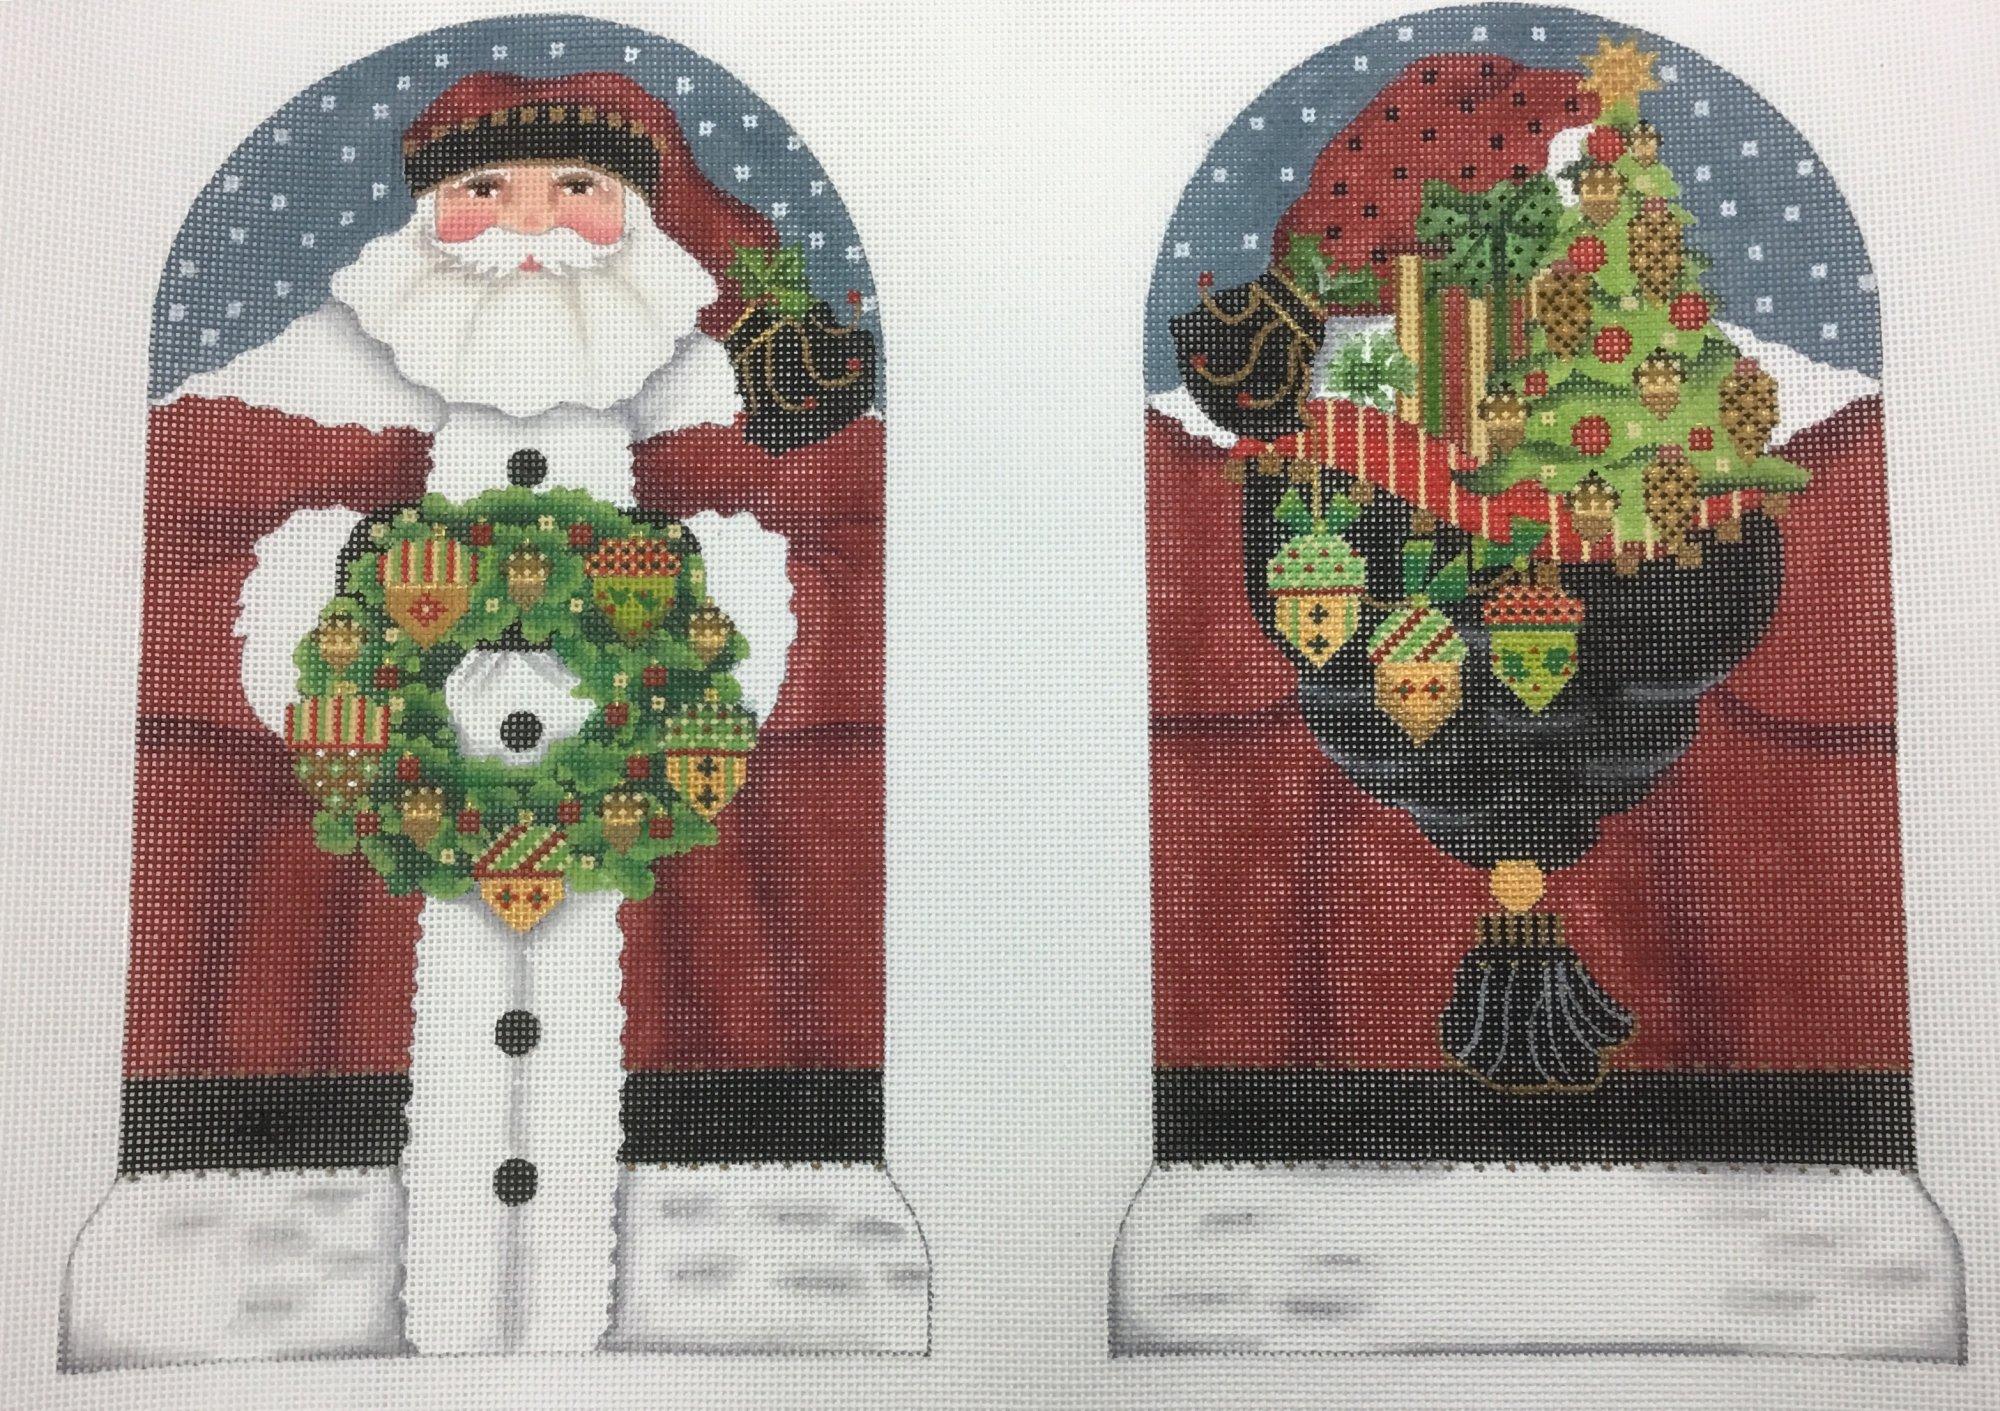 Two Sided Acorn Santa,18M, 6x10 each piece